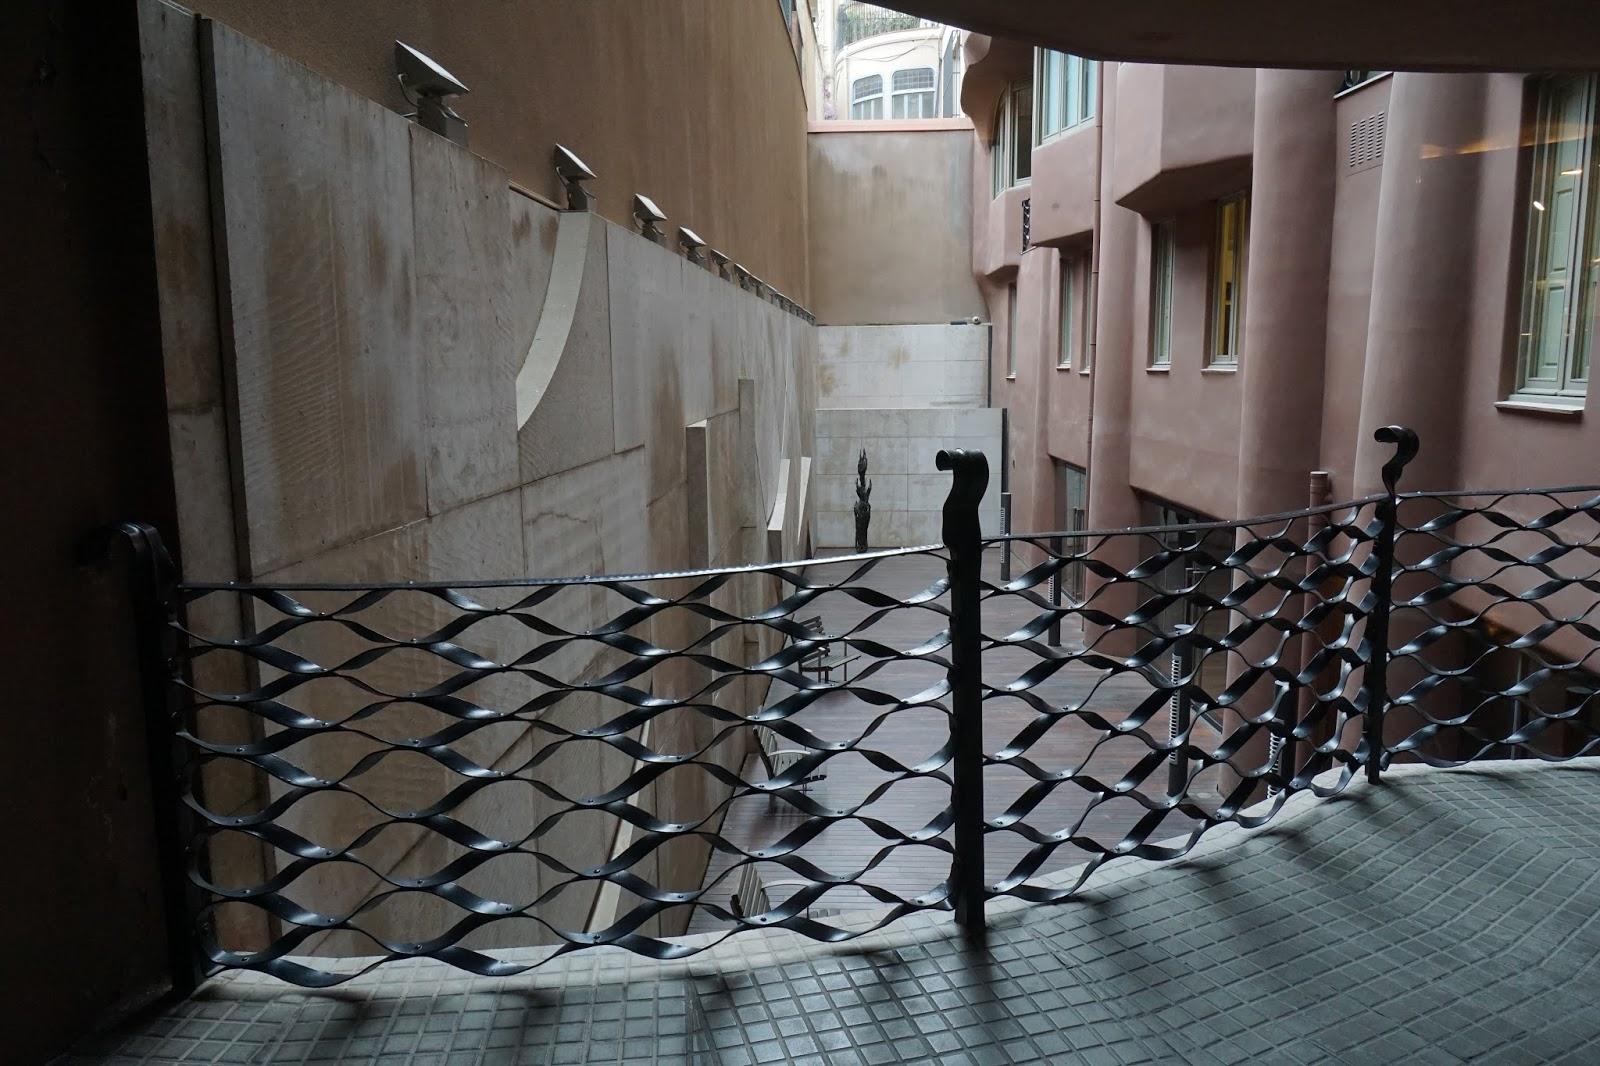 カサ・ミラ(Casa Milà) 曲線の渡り廊下